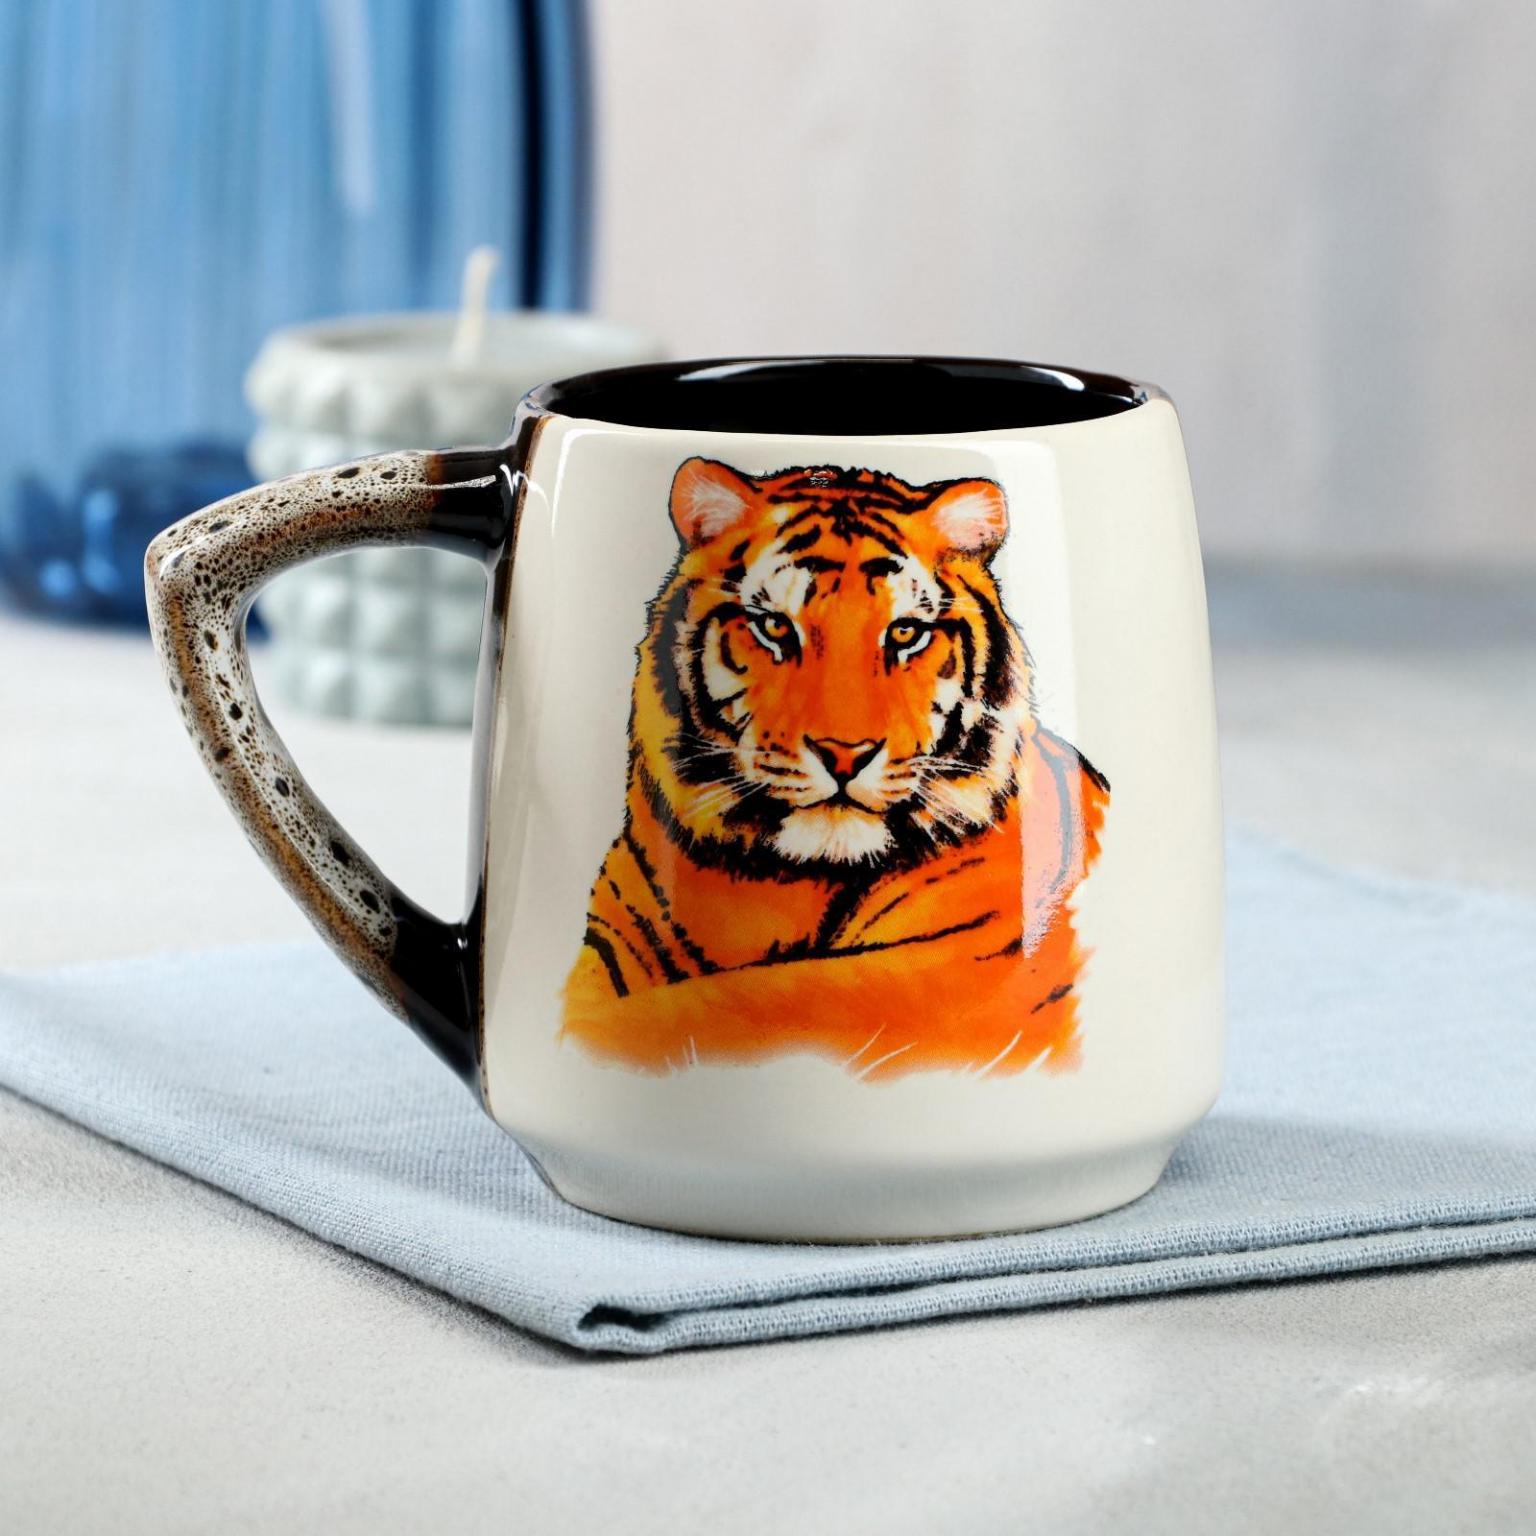 Кружка Треуголка, деколь тигр, цветная, 0.4 л